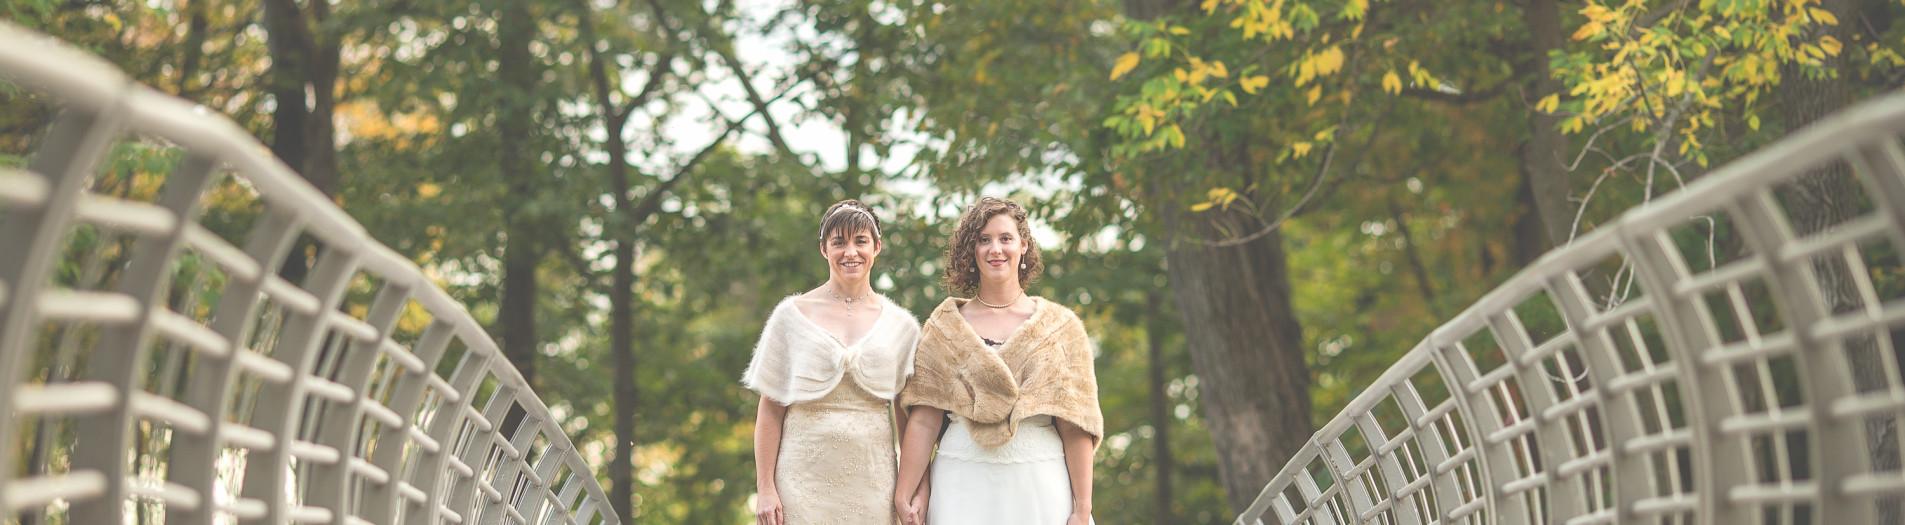 NIAGARA FALLS STATE PARK WEDDING : VANESSA + ANG